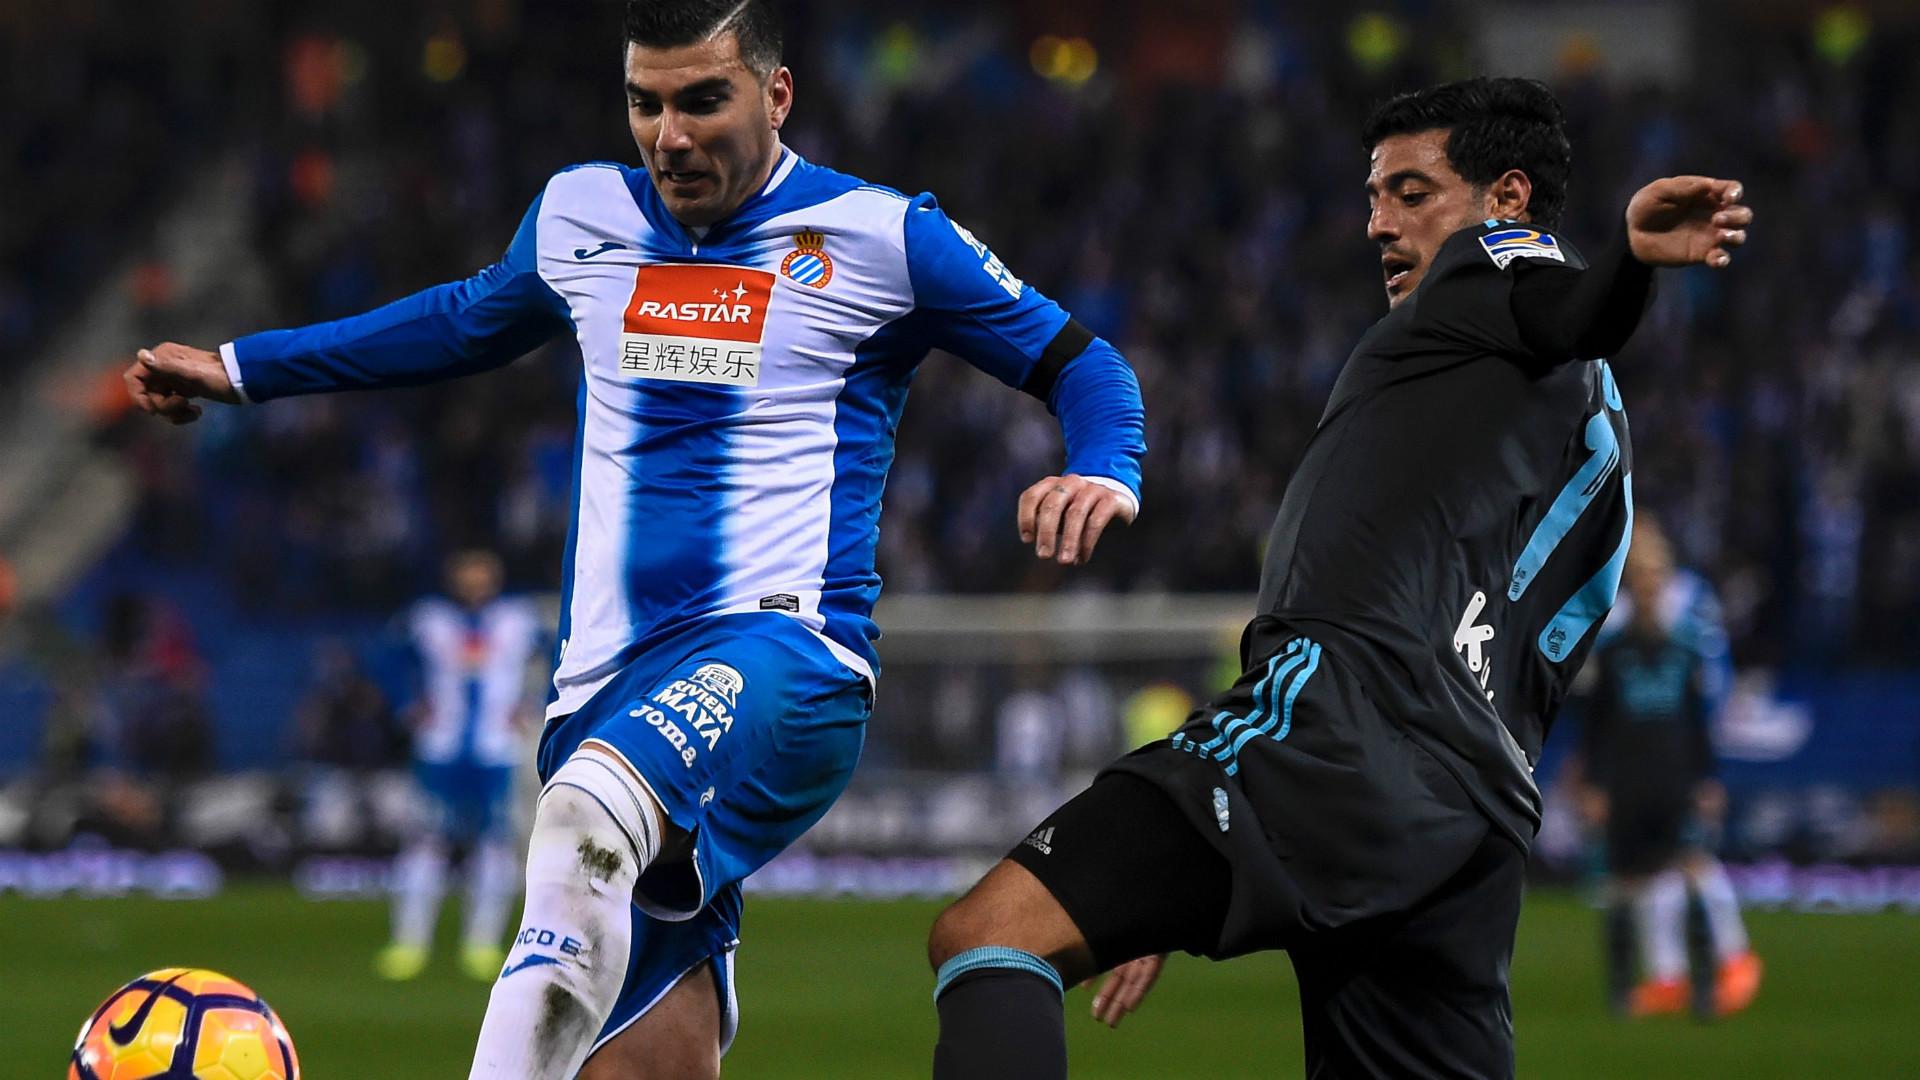 Jose Antonio Reyes Carlos Vela Espanyol Real Sociedad LaLiga